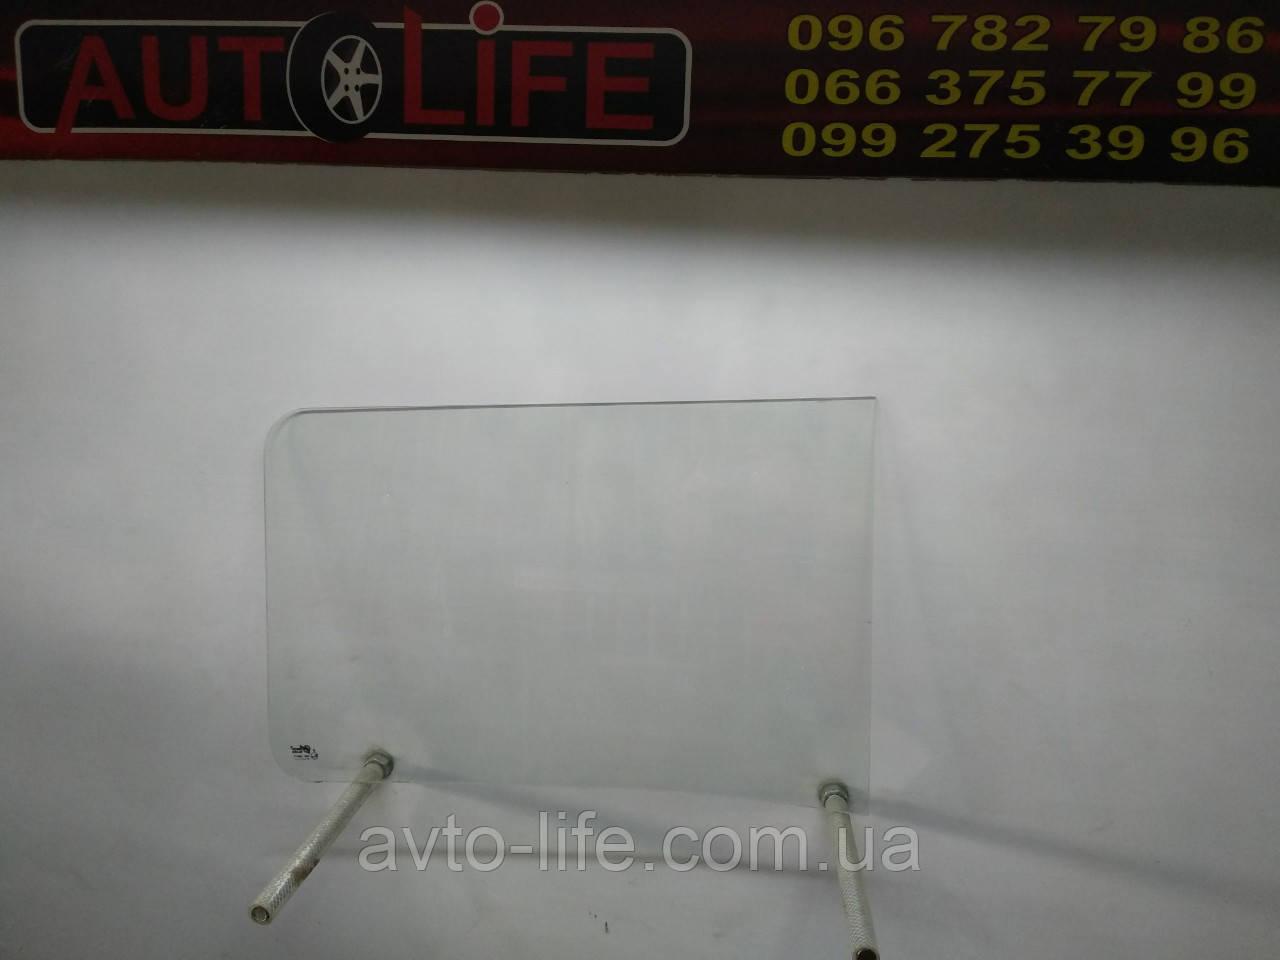 Лобовое стекло КрАЗ 250 (Грузовик) (1978-1992) левое / правое   Лобове скло КрАЗ   Автостекло КрАЗ   Замена